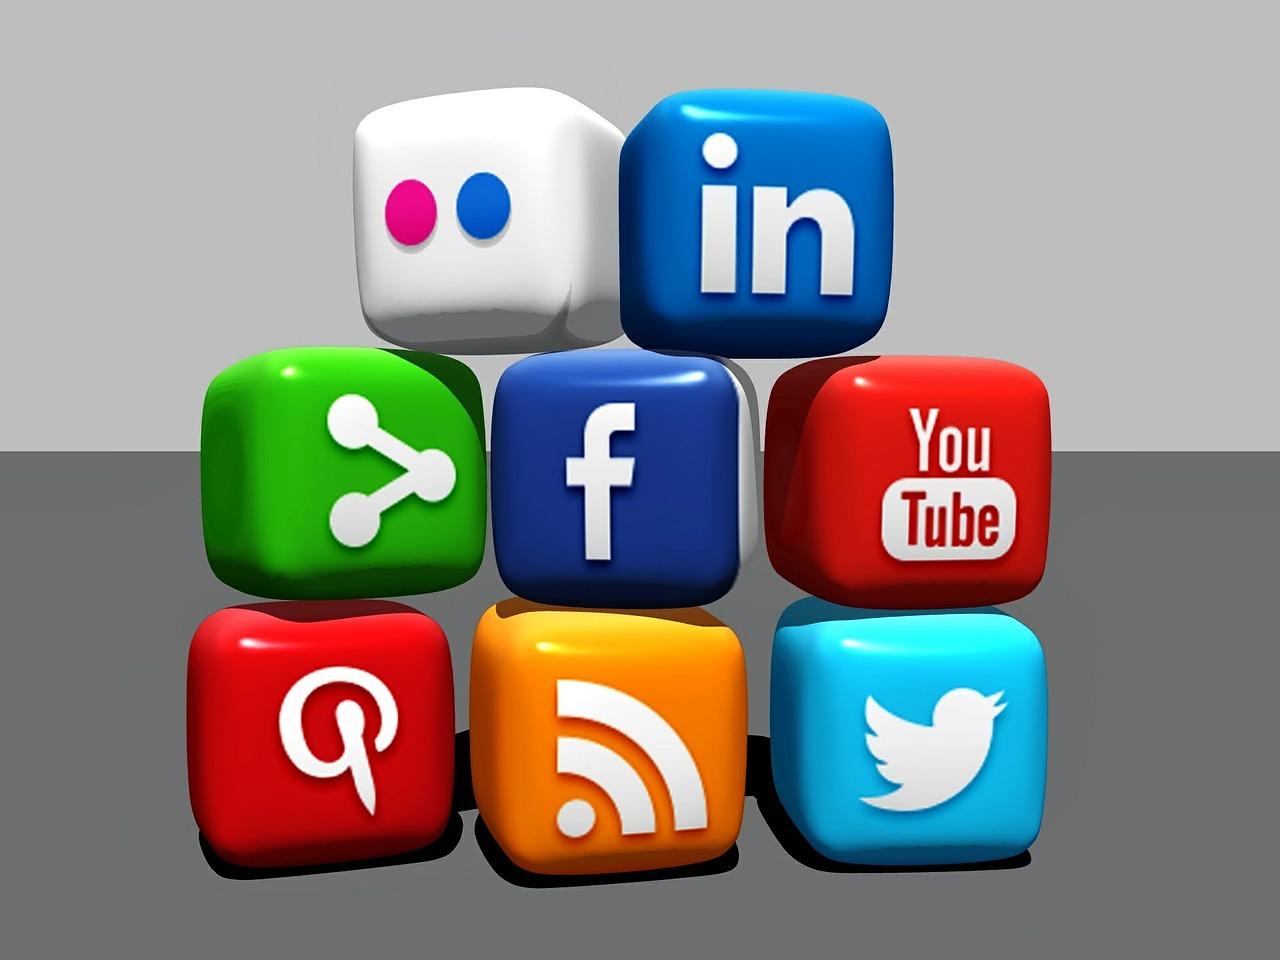 réseaux sociaux, Facebook, Instagram, Pinterest, construire business